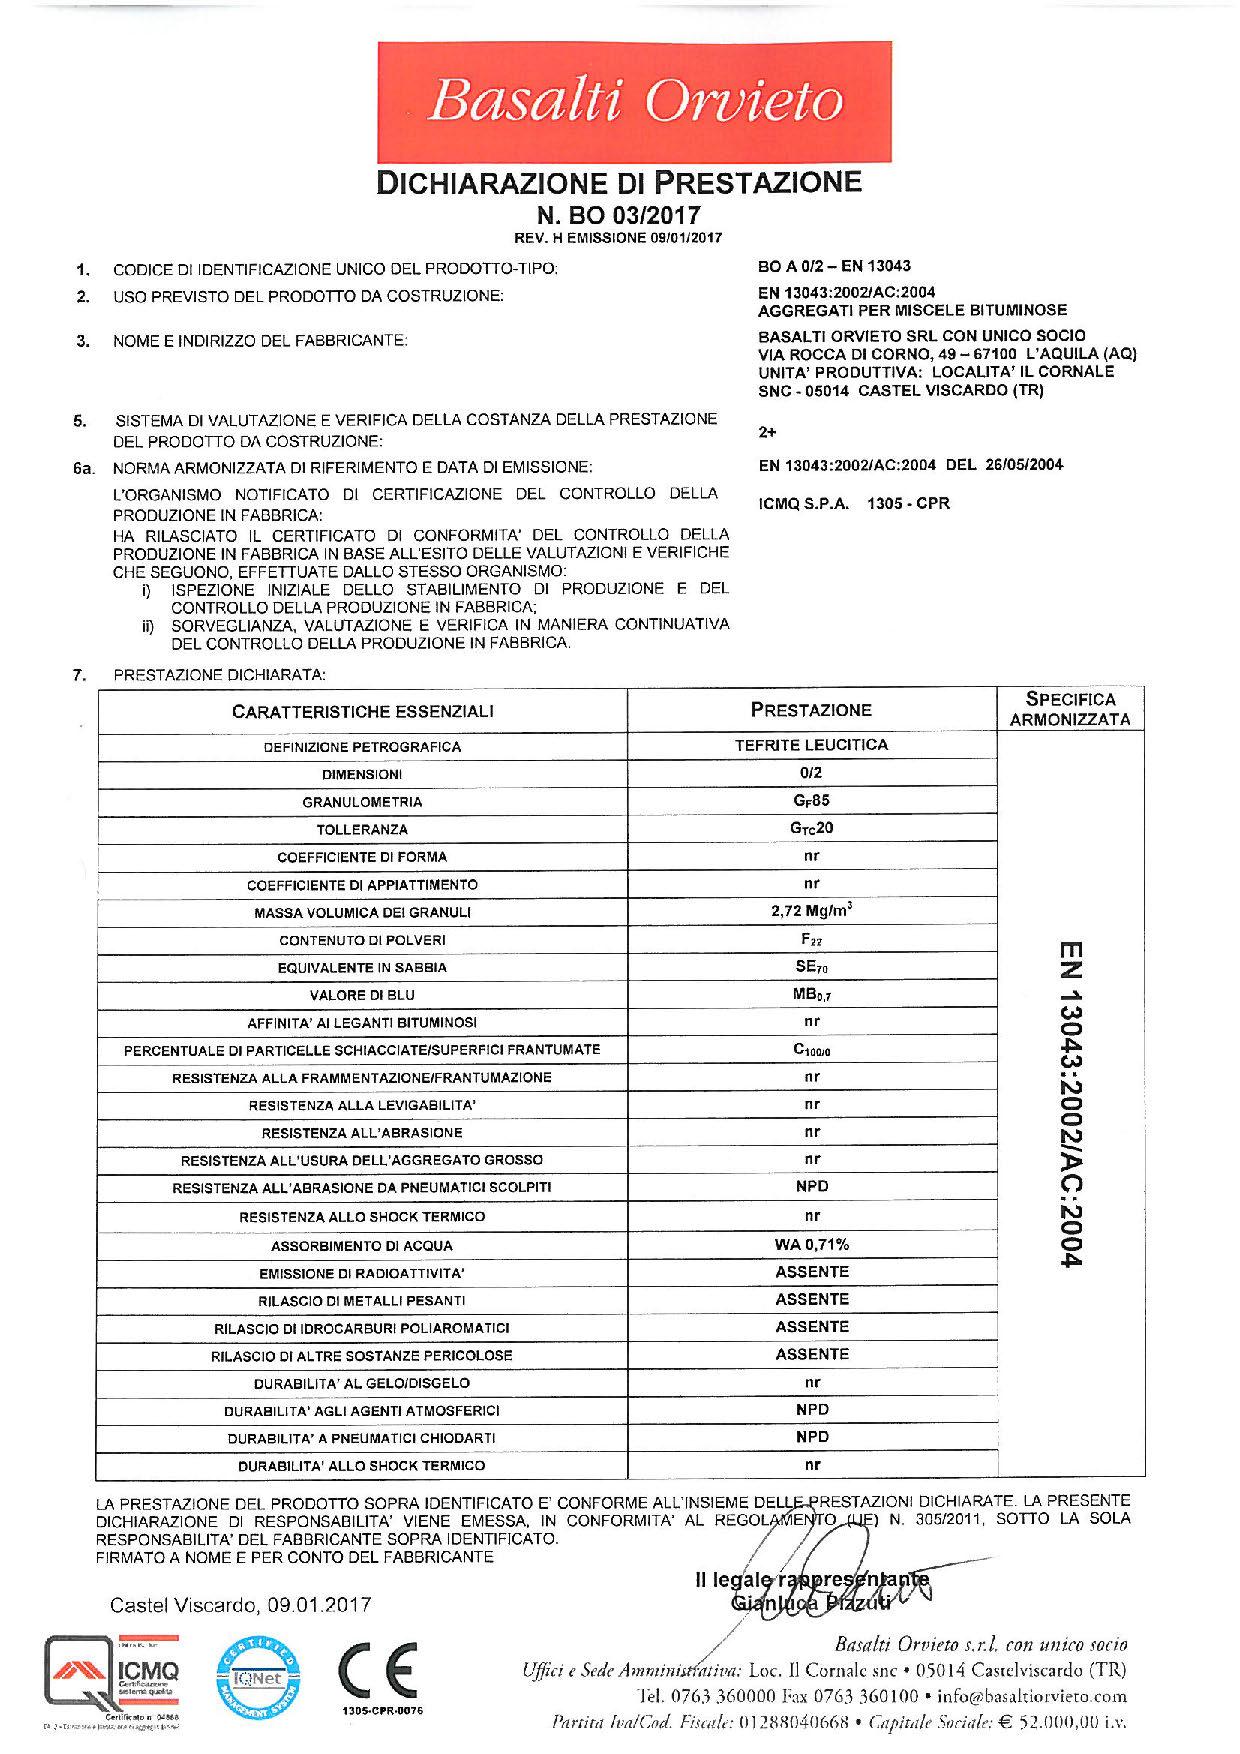 Asfalto_DoP 0-2 - EN 13043